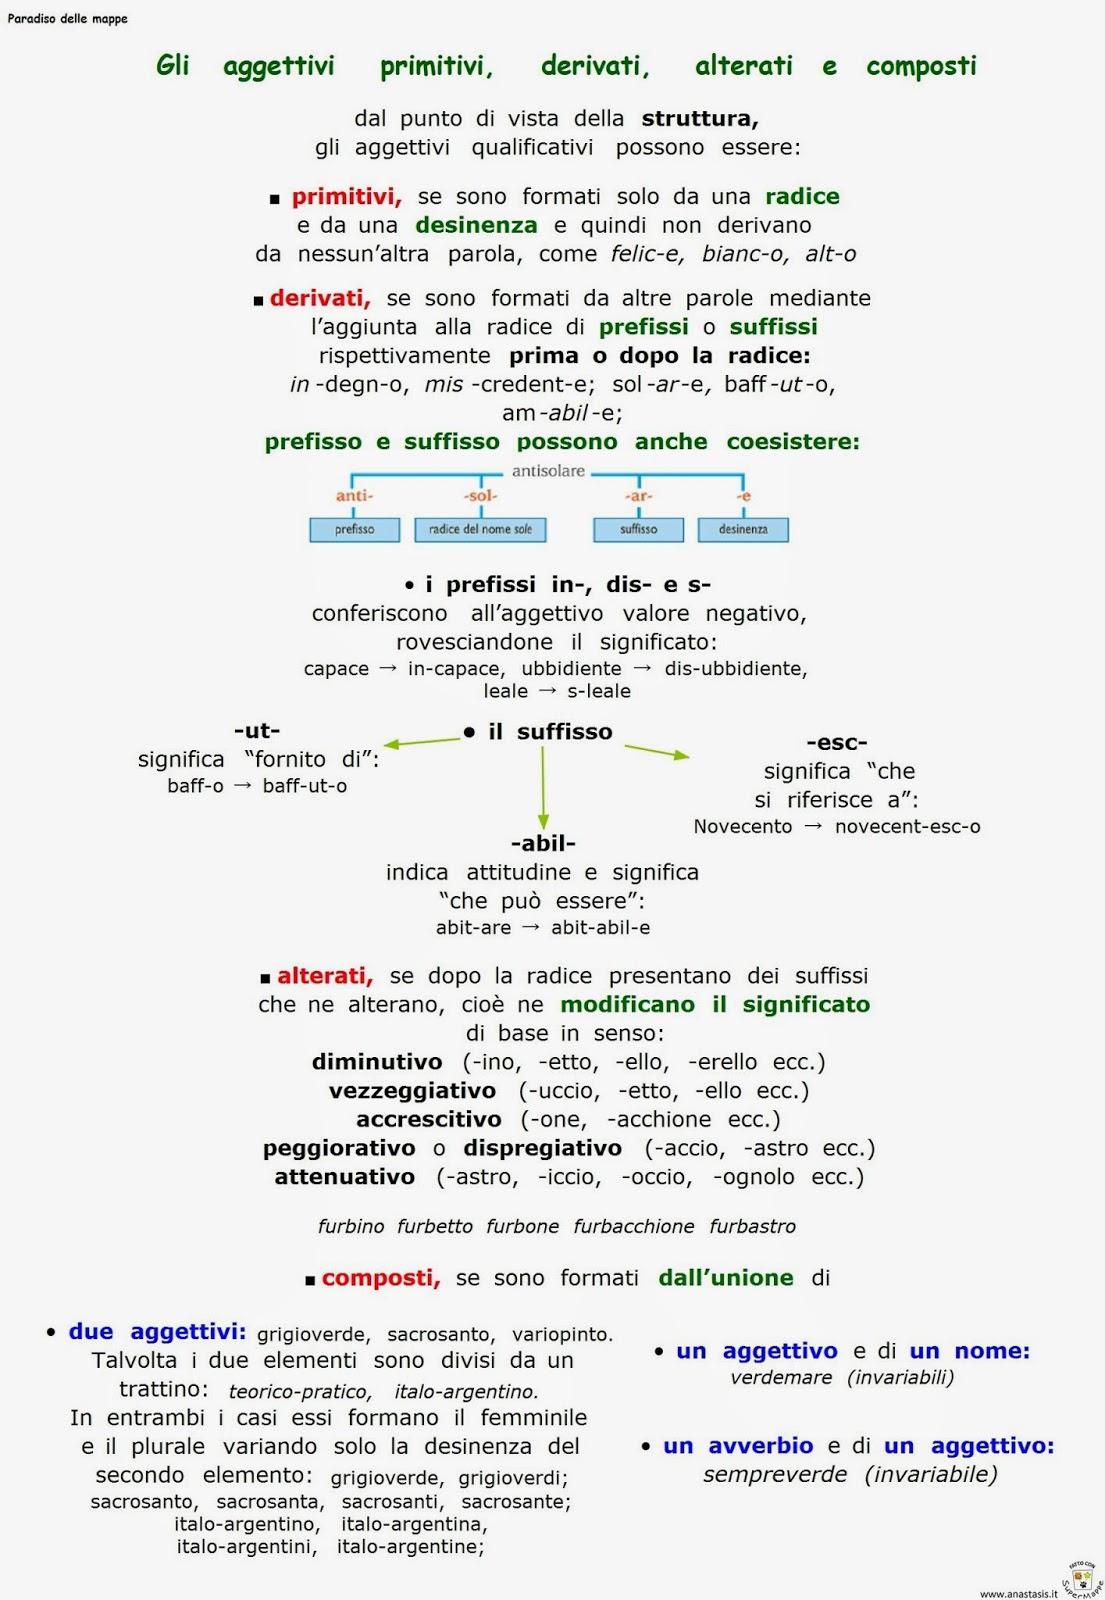 Paradiso Delle Mappe Gli Aggettivi Primitivi Derivati Alterati E